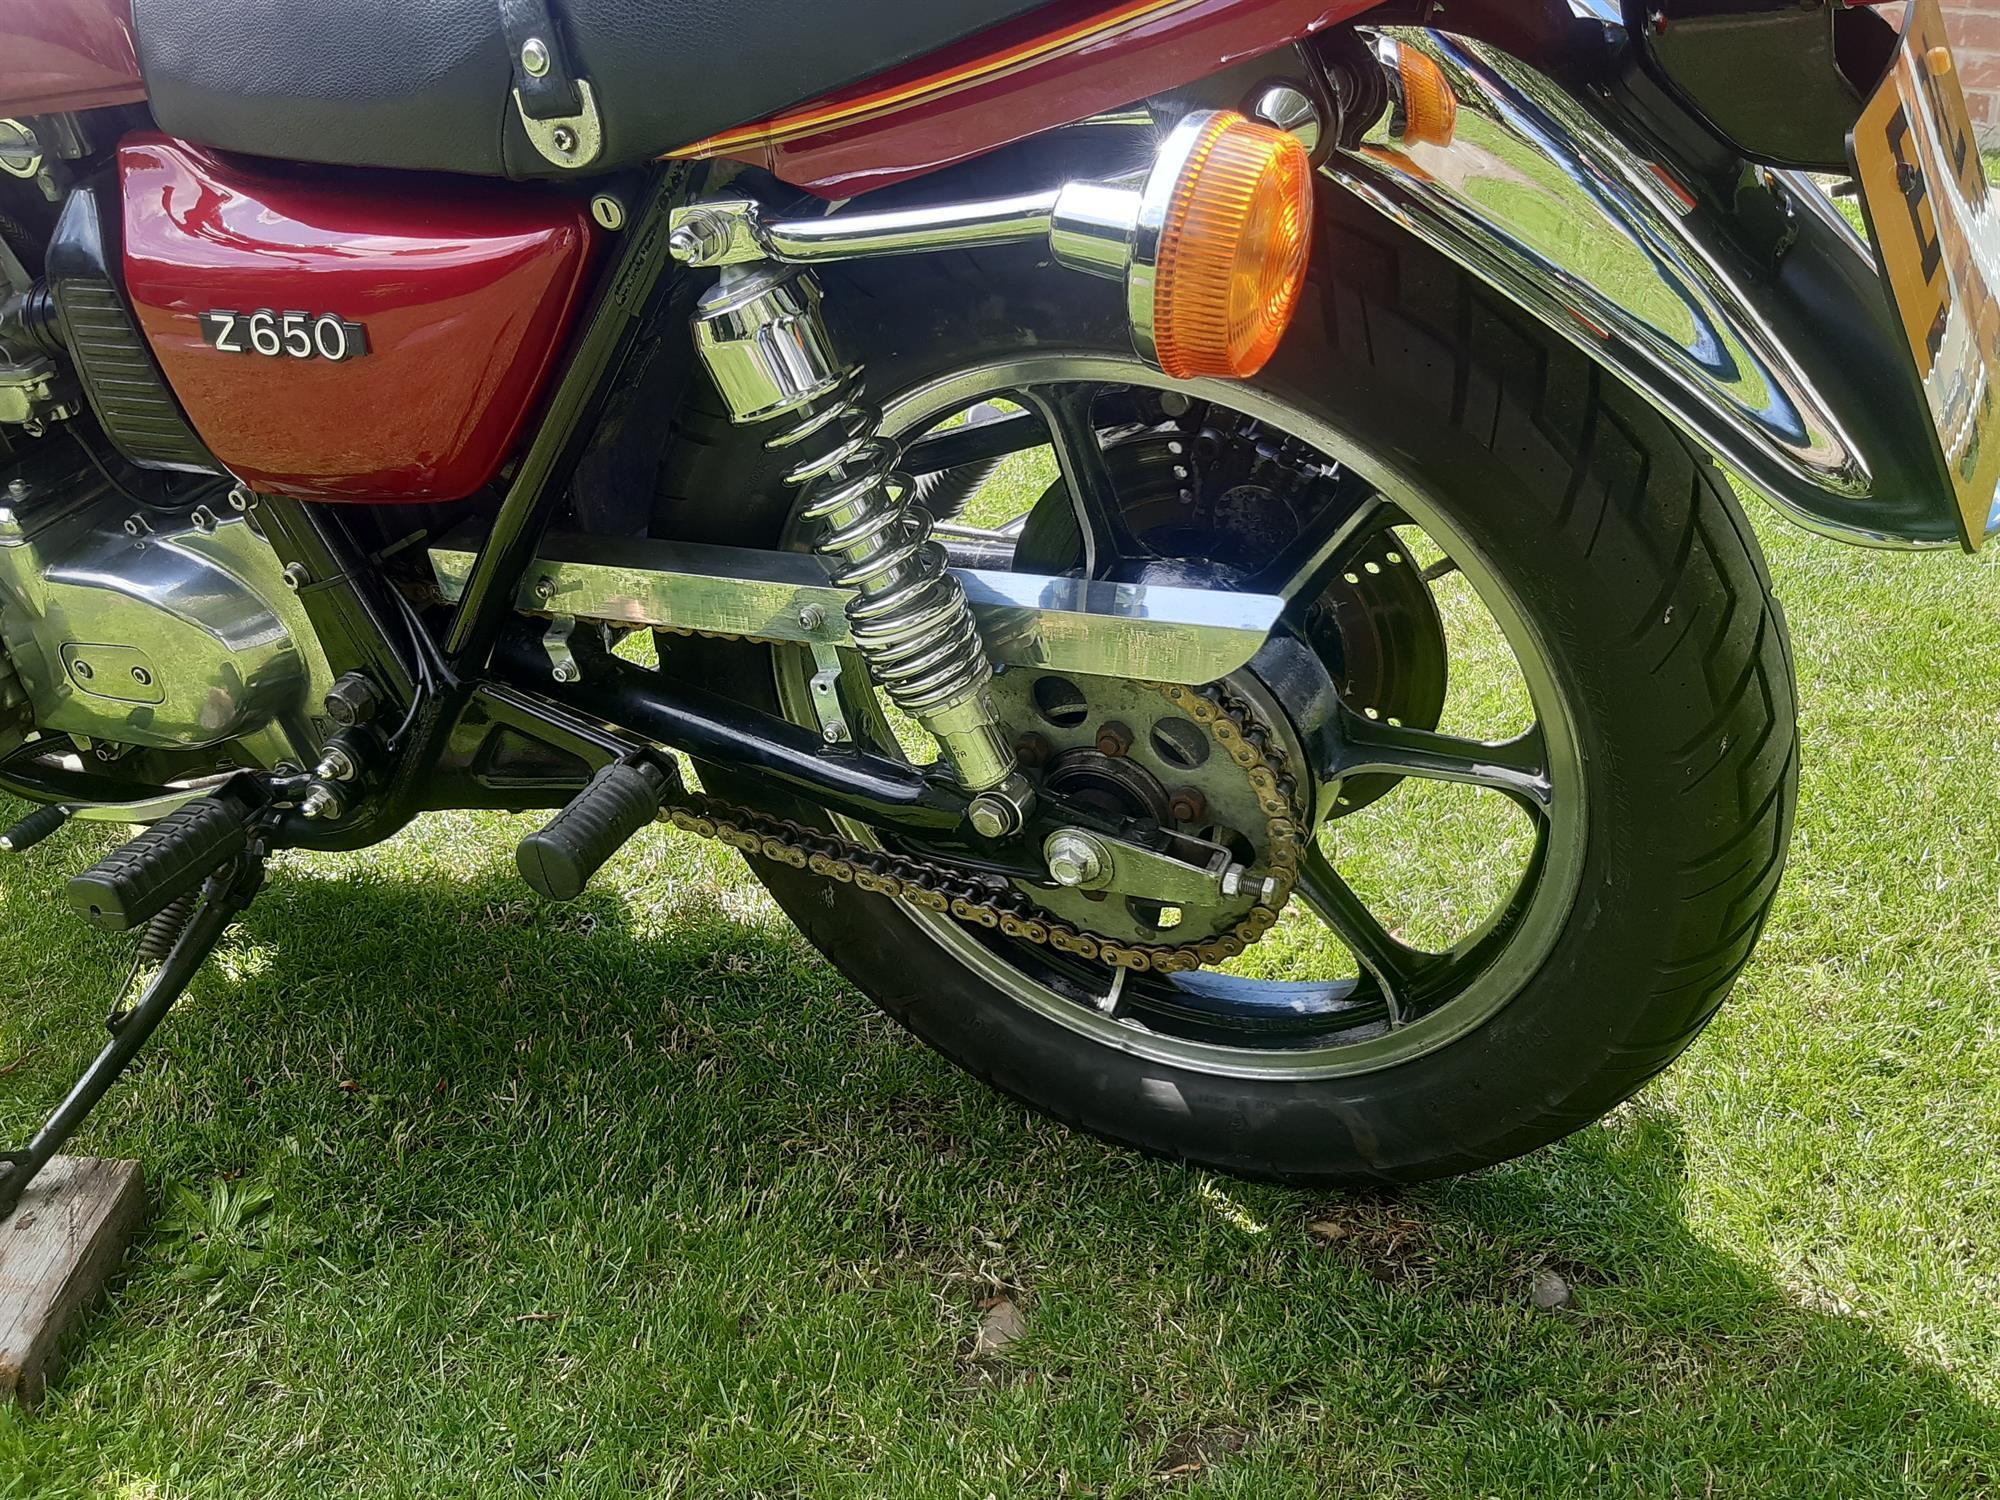 1979 Kawasaki Z650 - Image 9 of 10